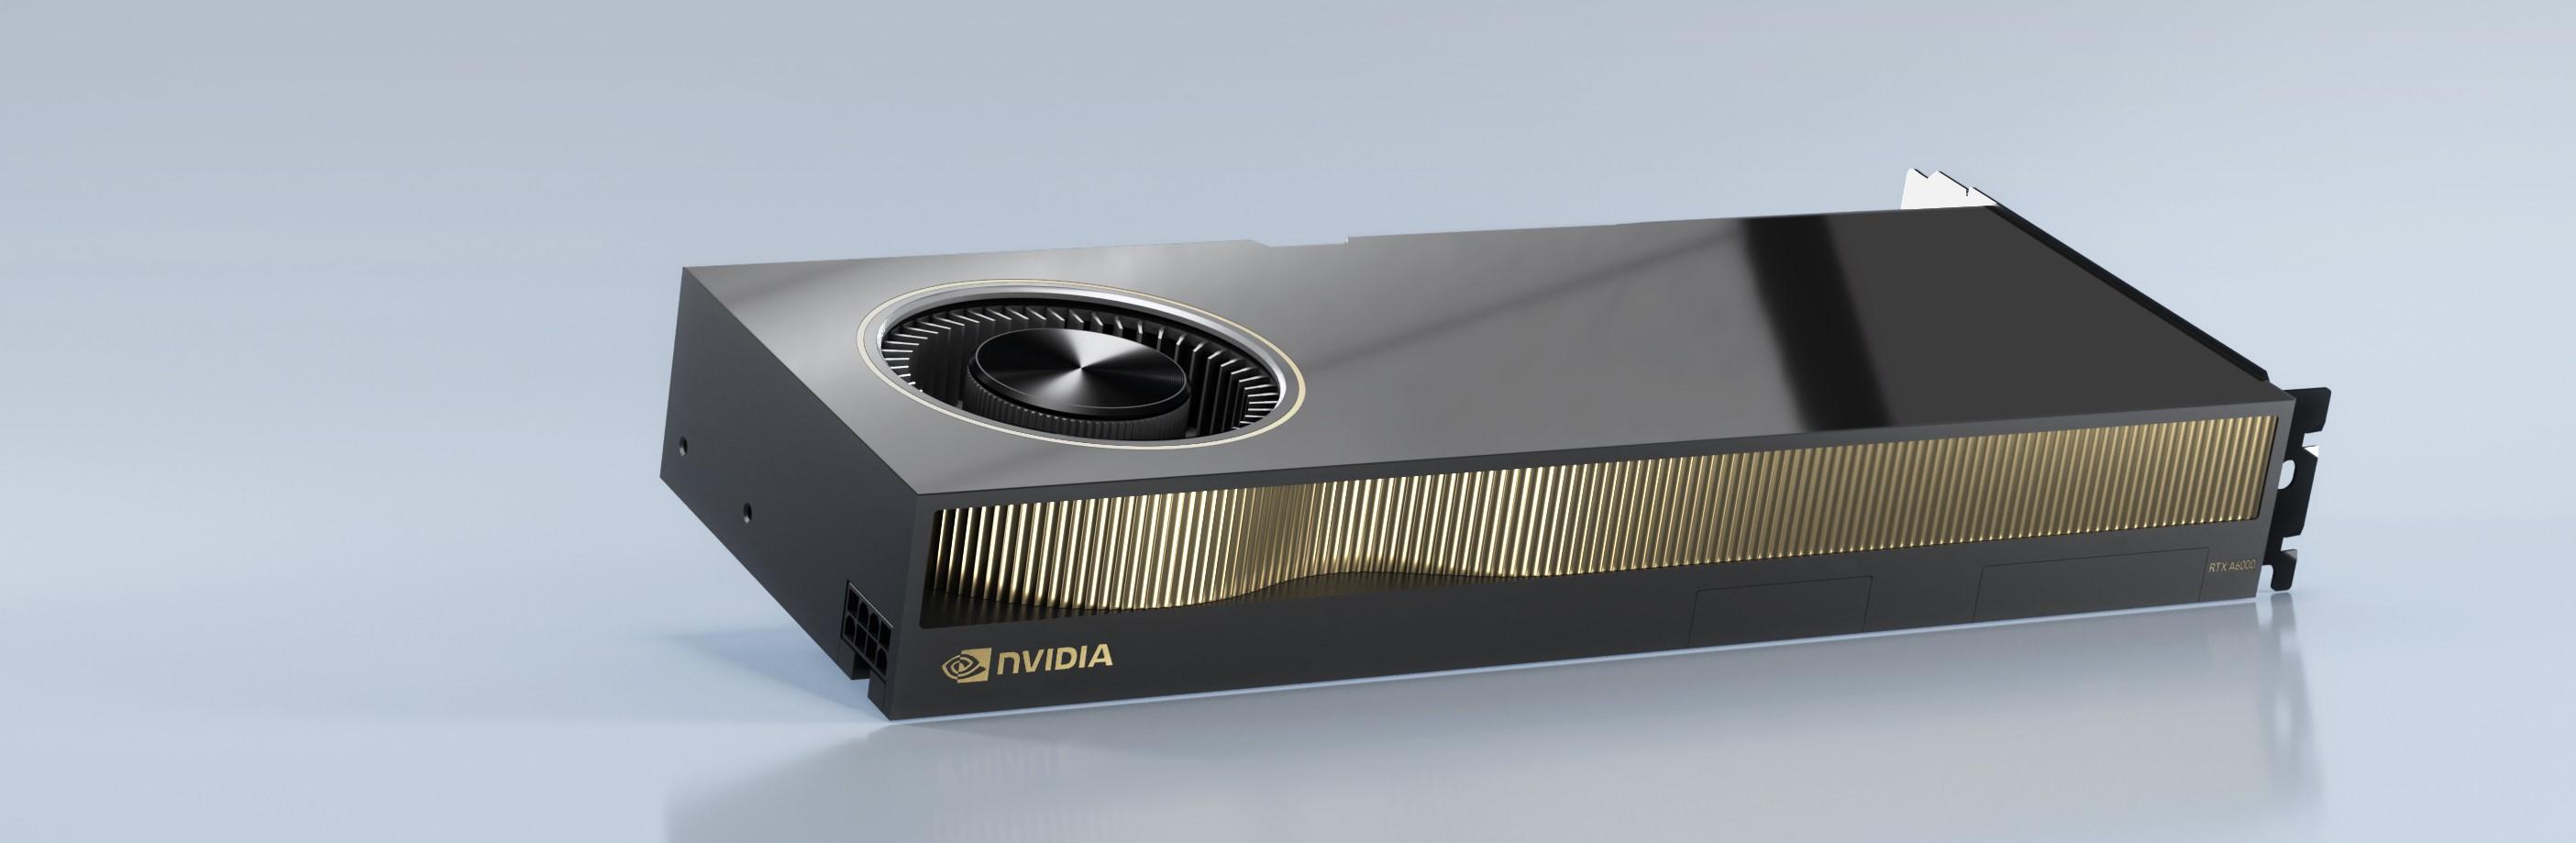 NVIDIA-RTX-A6000-1.jpg